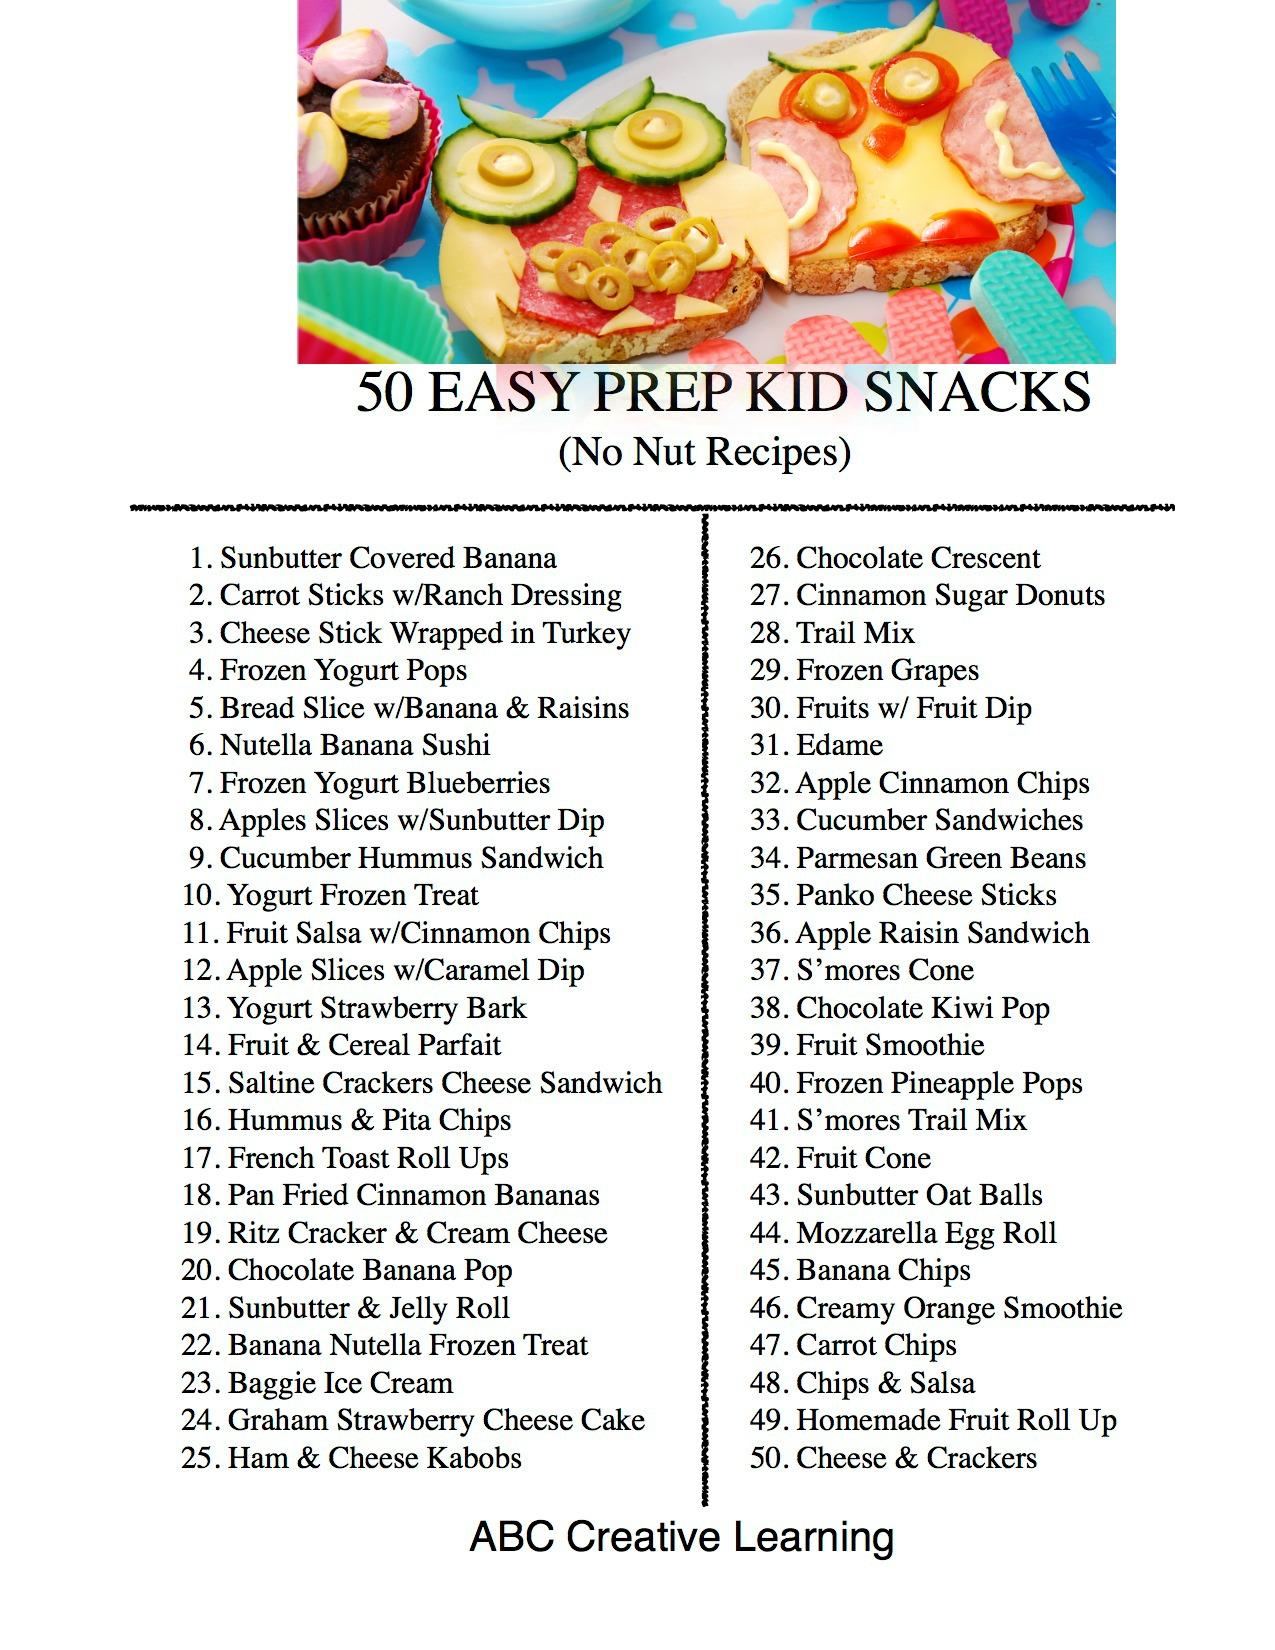 50 Easy Prep Kid Snacks